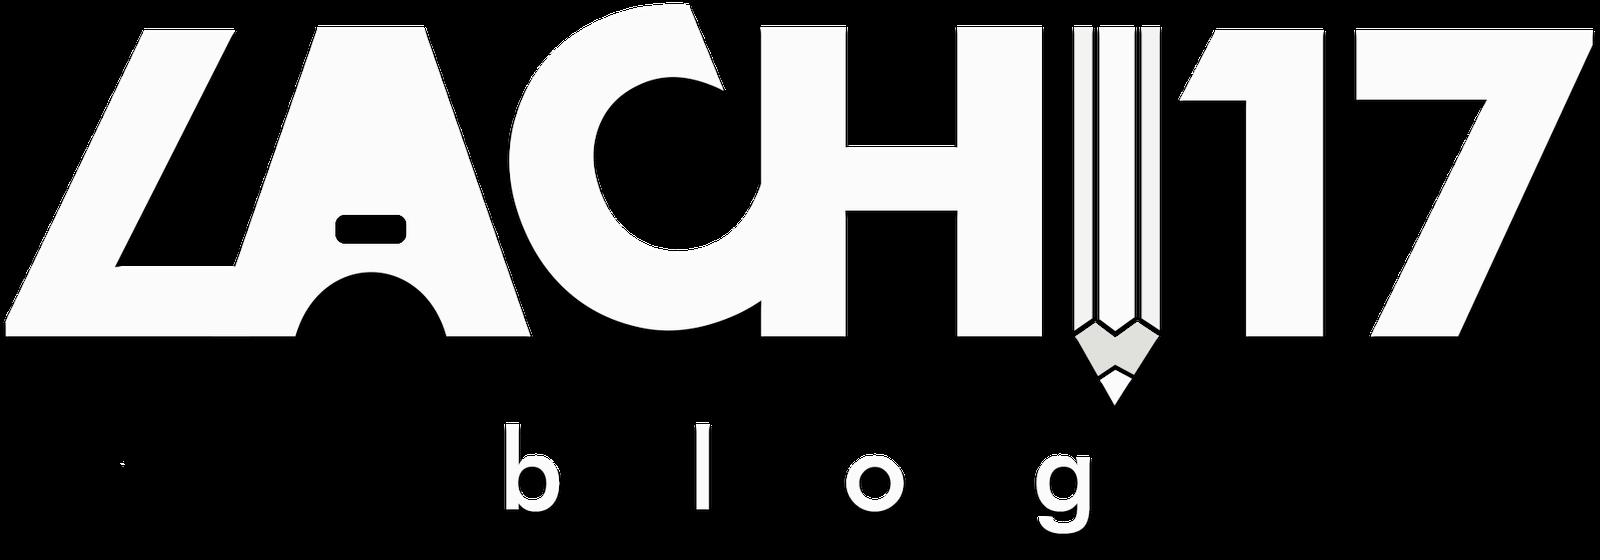 LACHI17